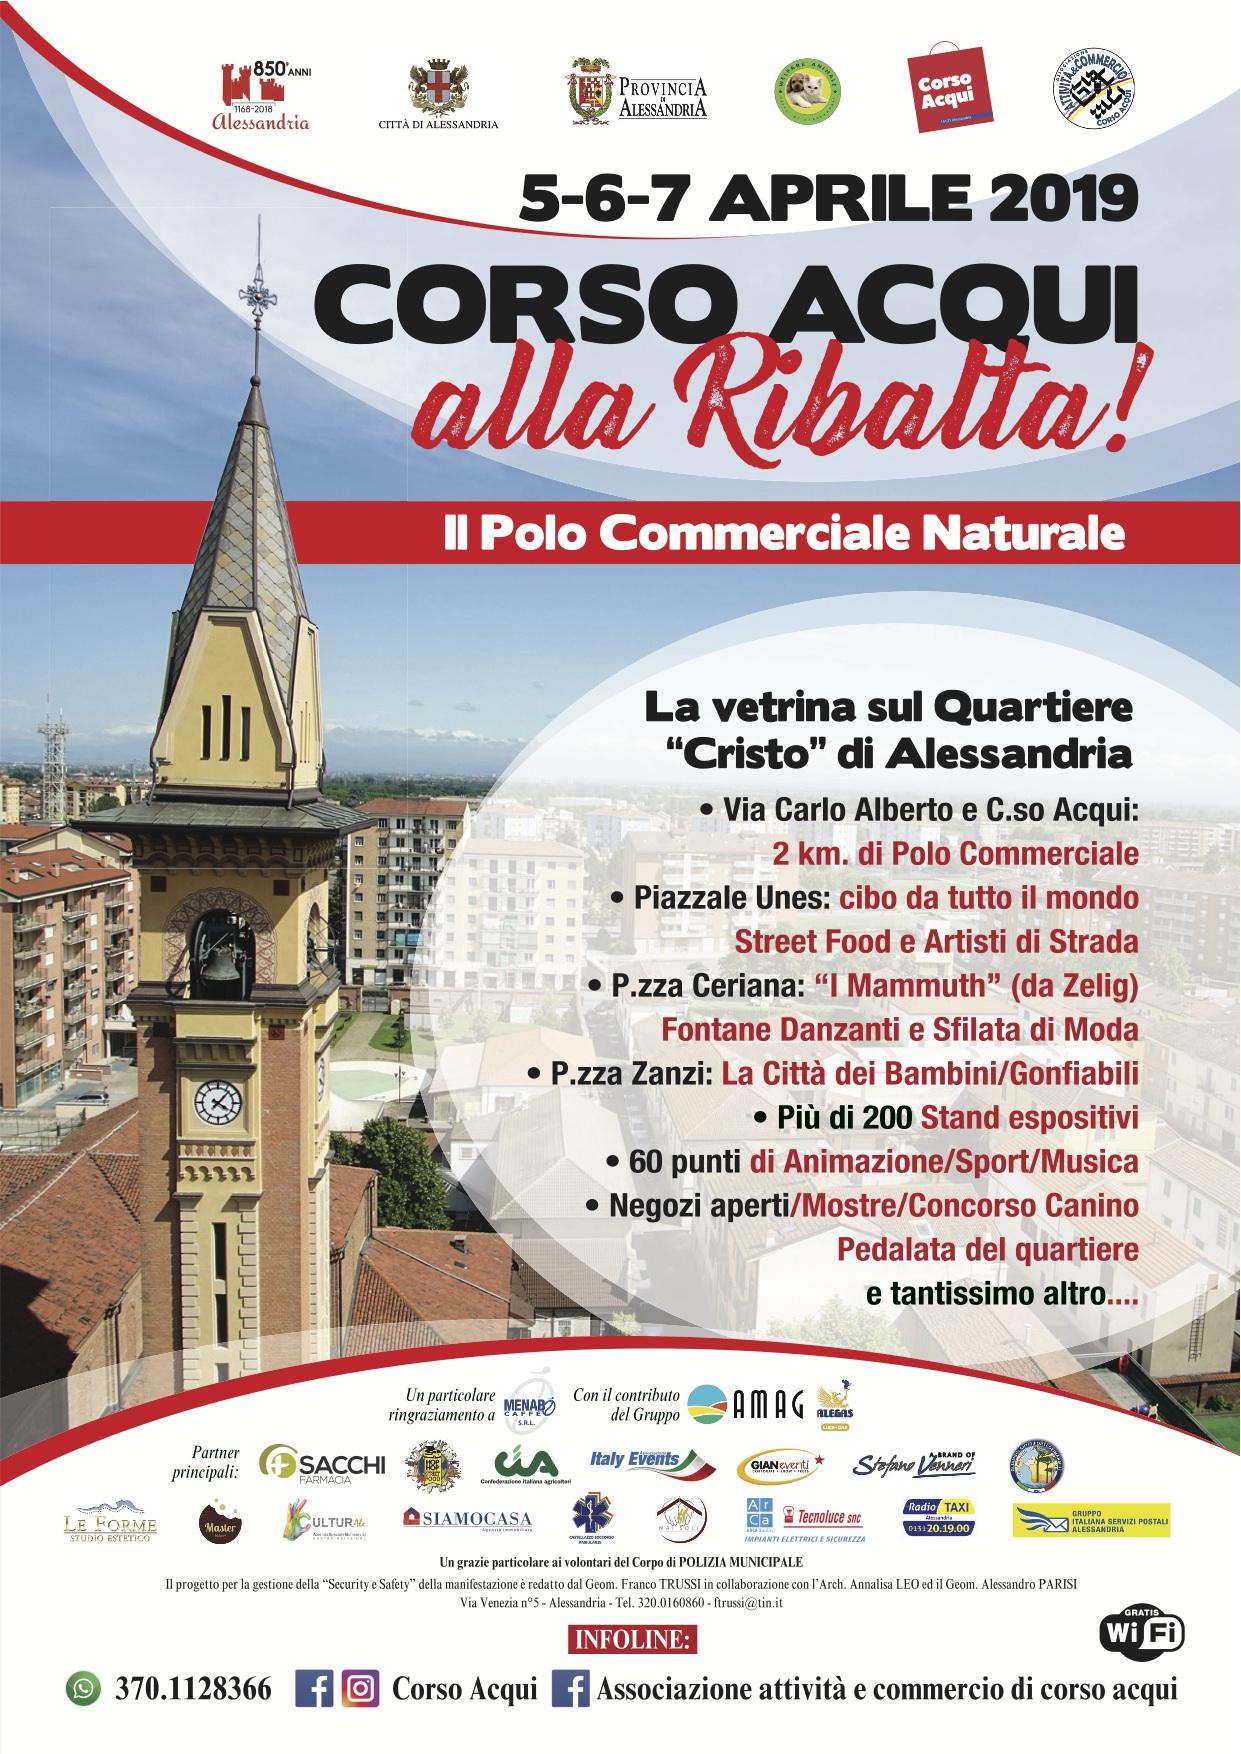 Corso Acqui alla ribalta_Alessandria_5-6-7 aprile 2019